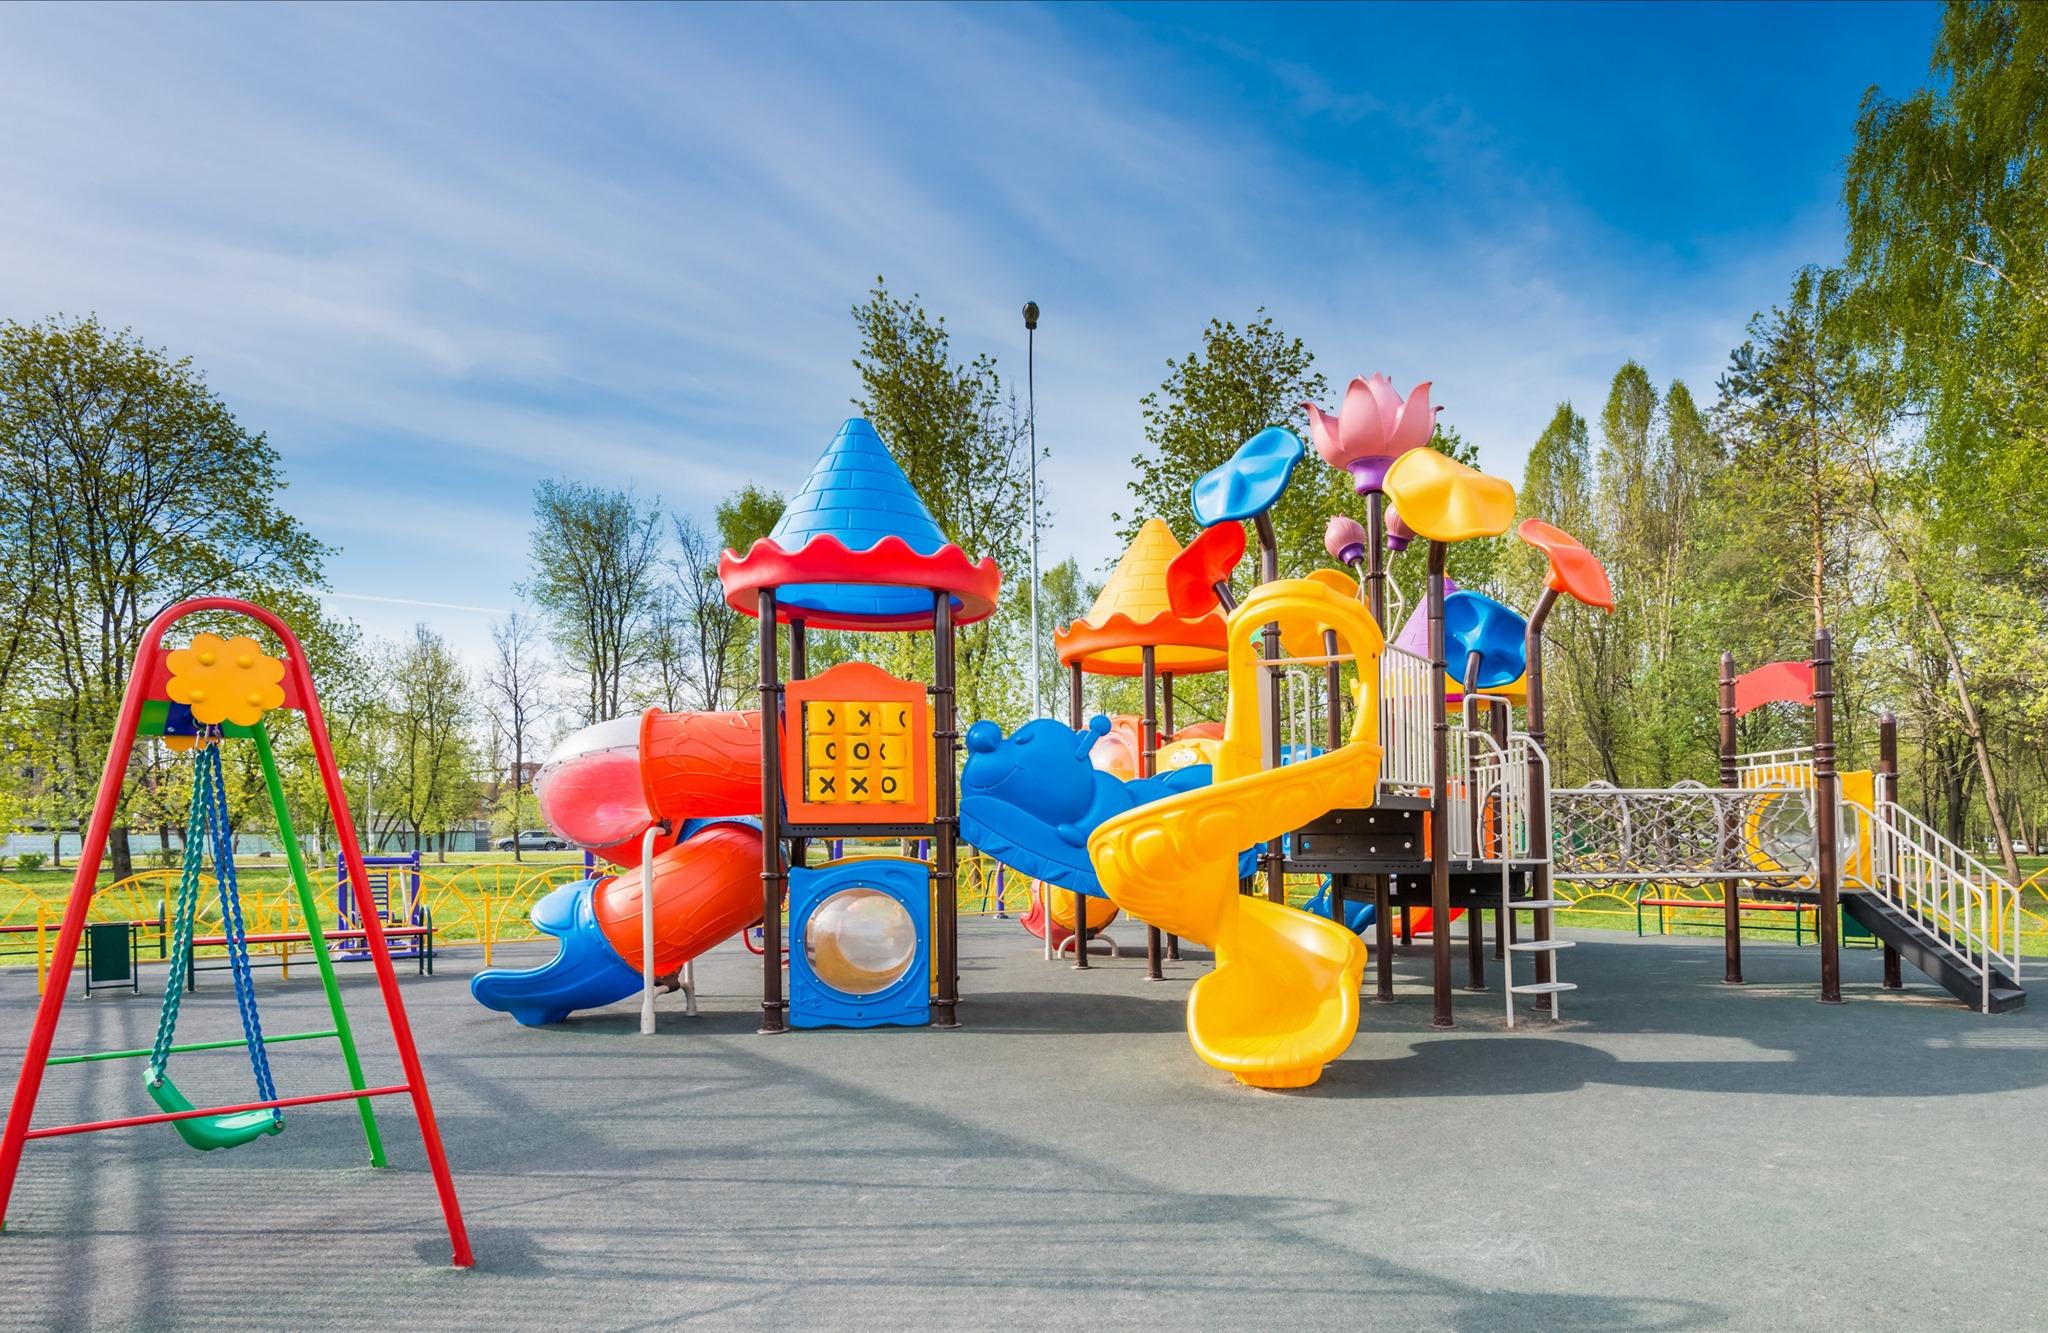 Άδωνις Γεωργιάδης: Ανοίγουν την Τετάρτη 17 Ιουνίου 2020 οι παιδότοποι